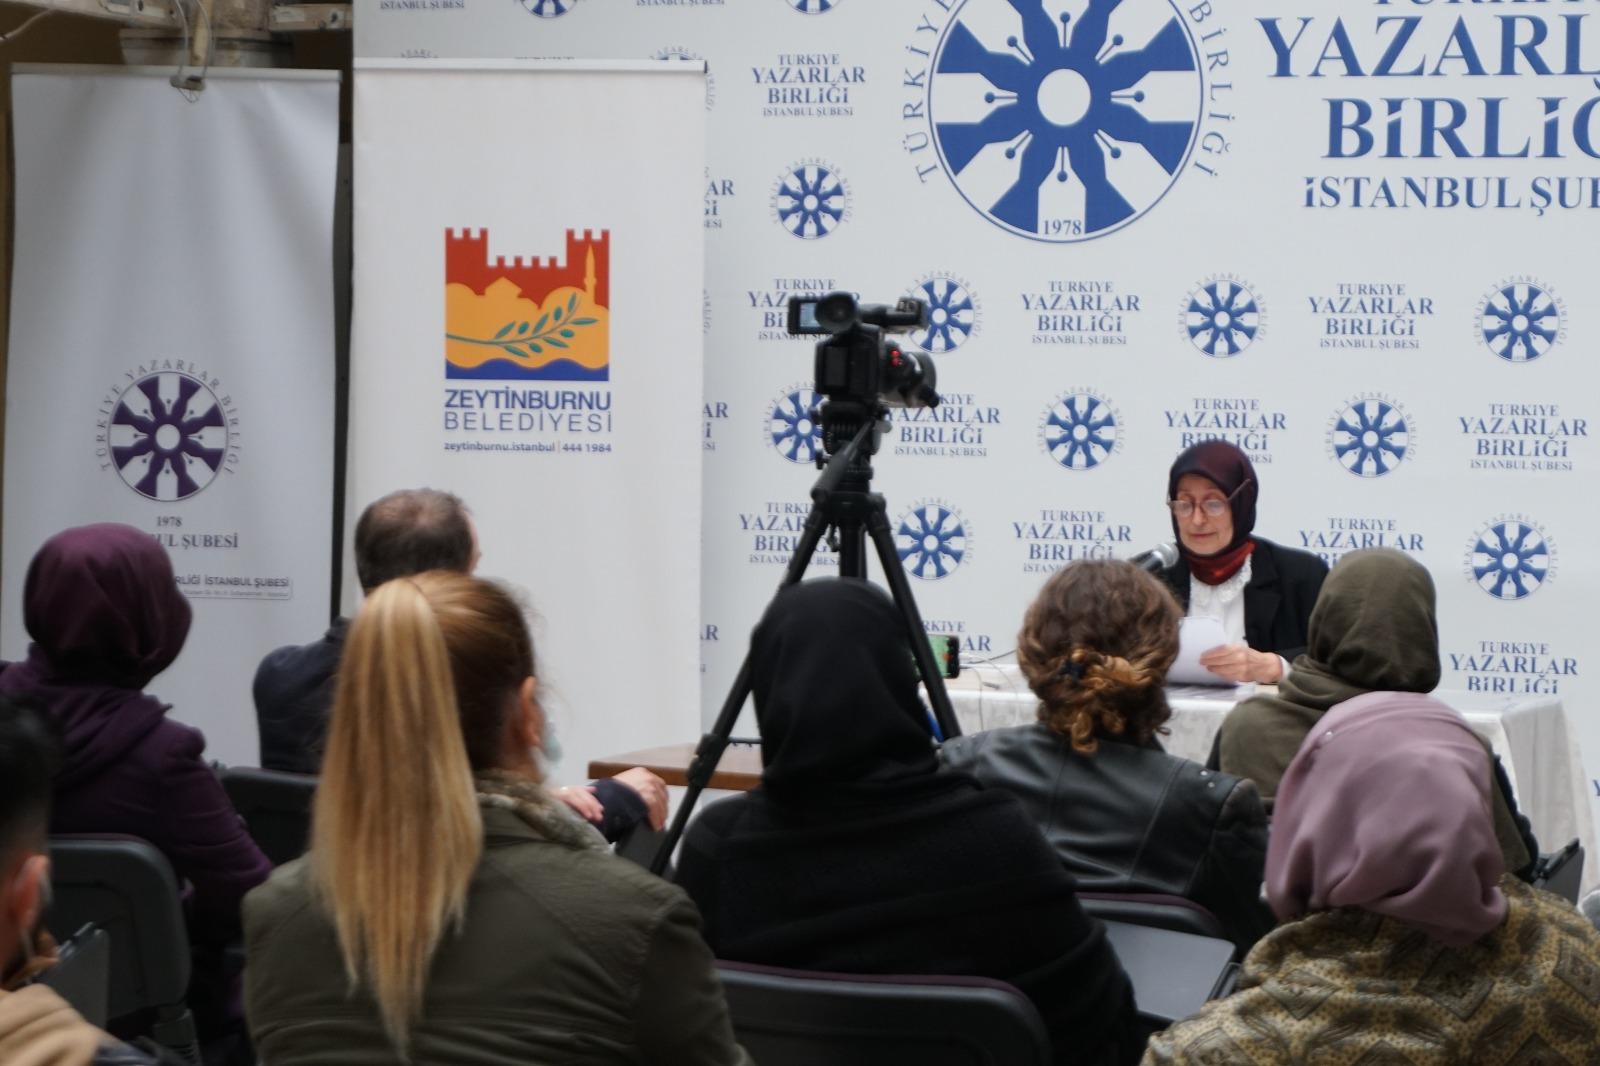 Rabia Brodbeck: Modernite birlik, sevgi ve kaynaşmayı yok etti